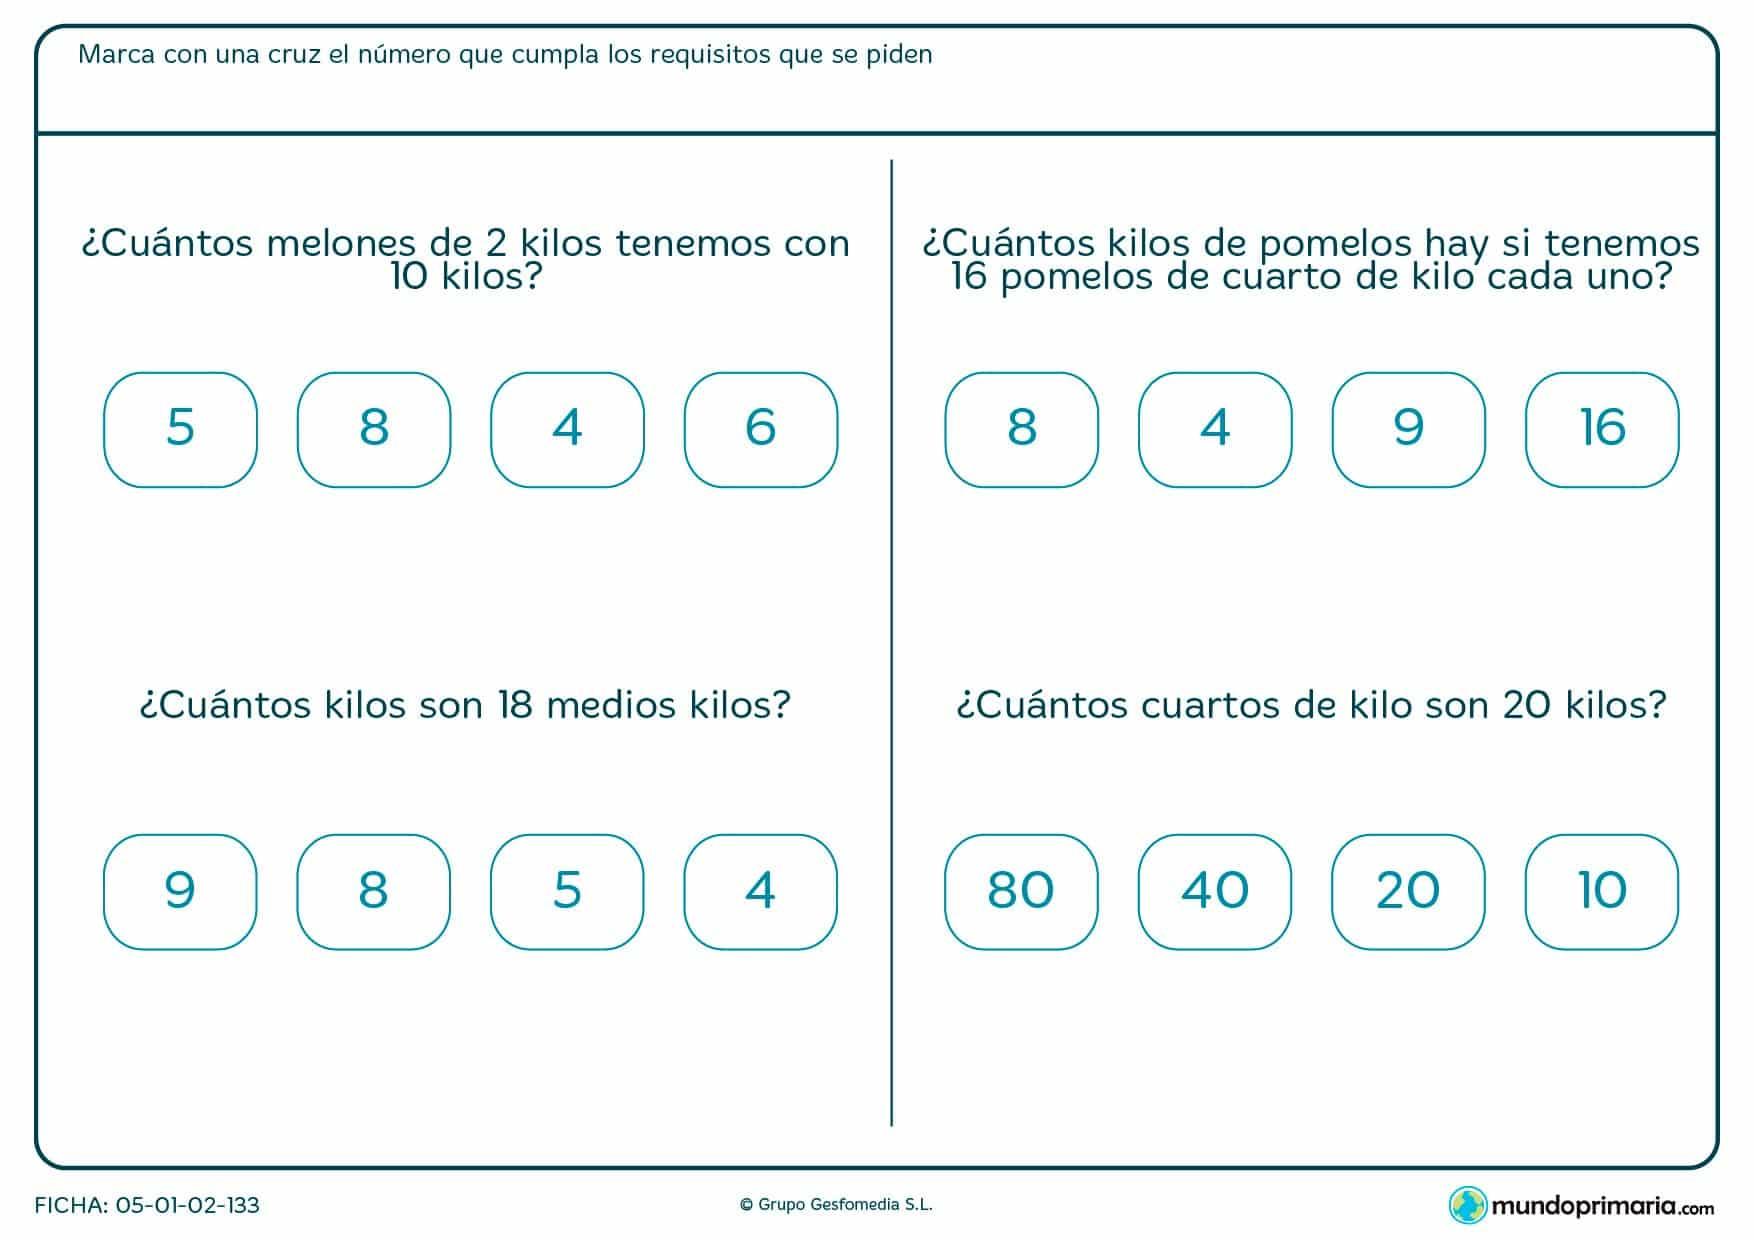 Ficha de medios kilos en la que has de hallar las equivalencias con kilos o cuartos de kilo.